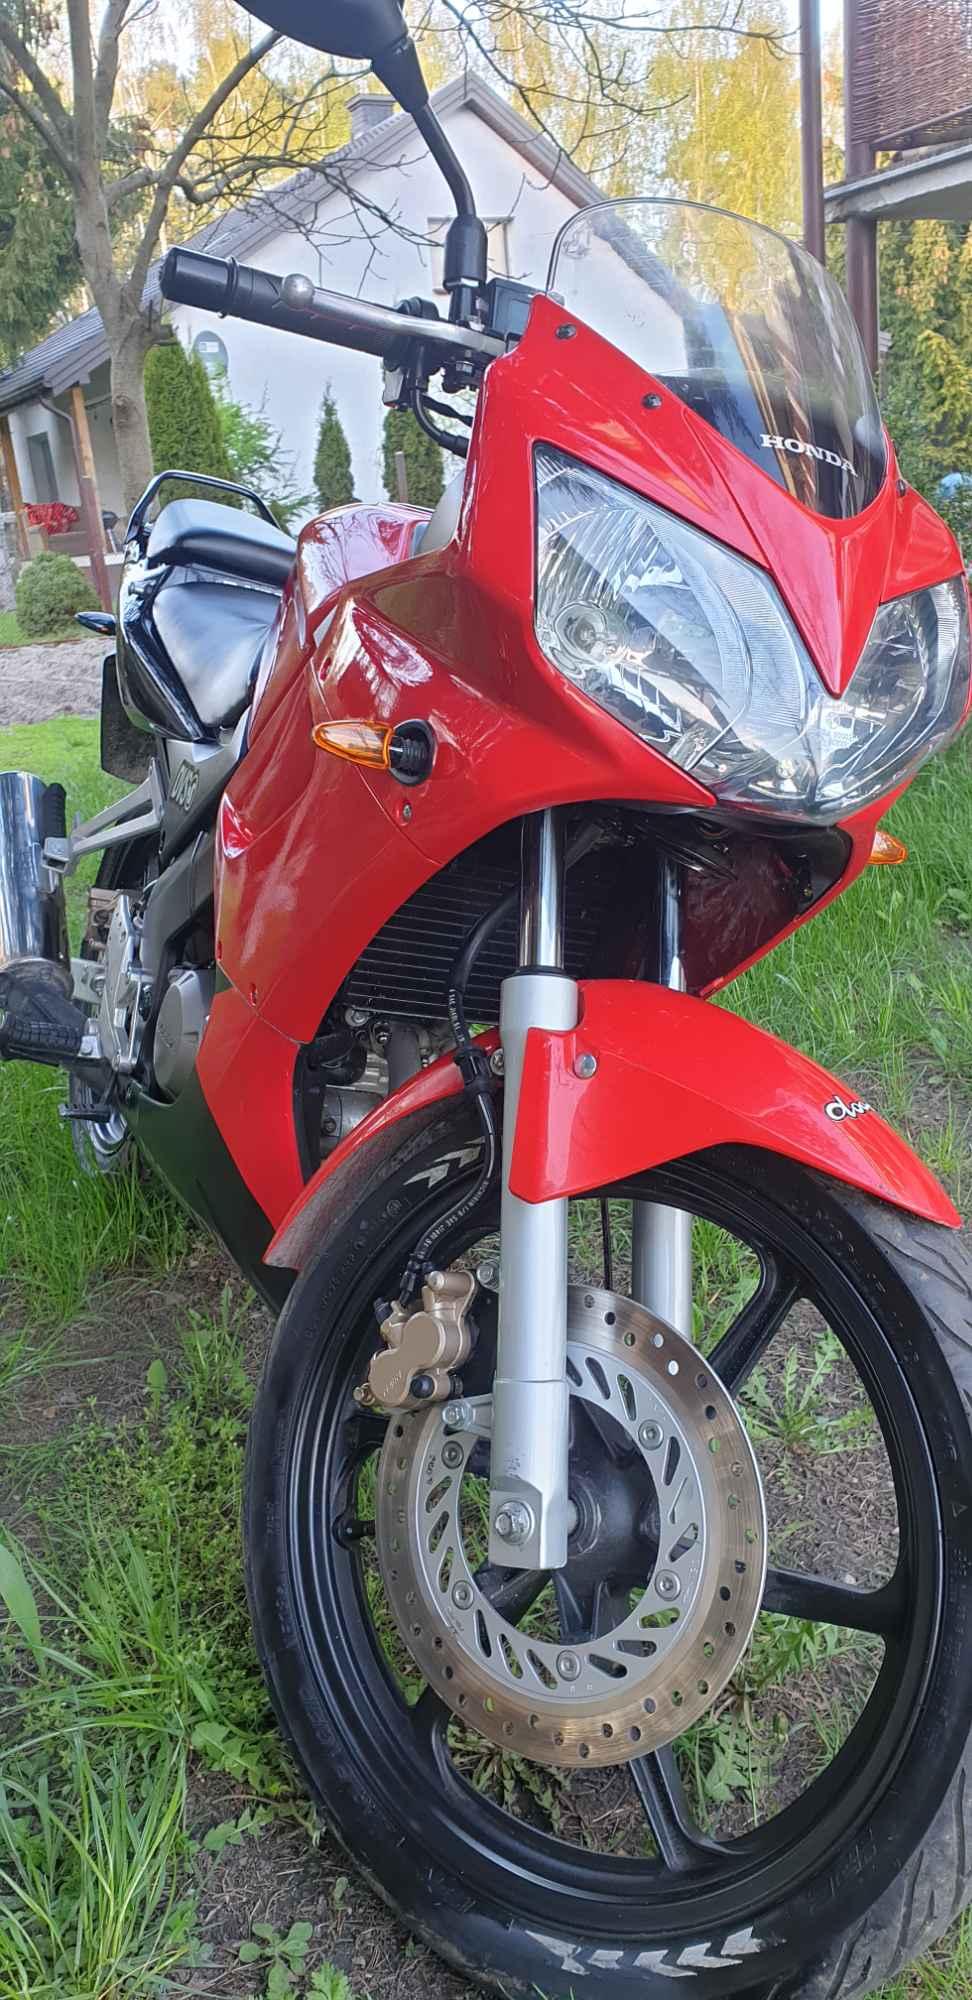 Honda Cbr 125r Barchów - zdjęcie 4